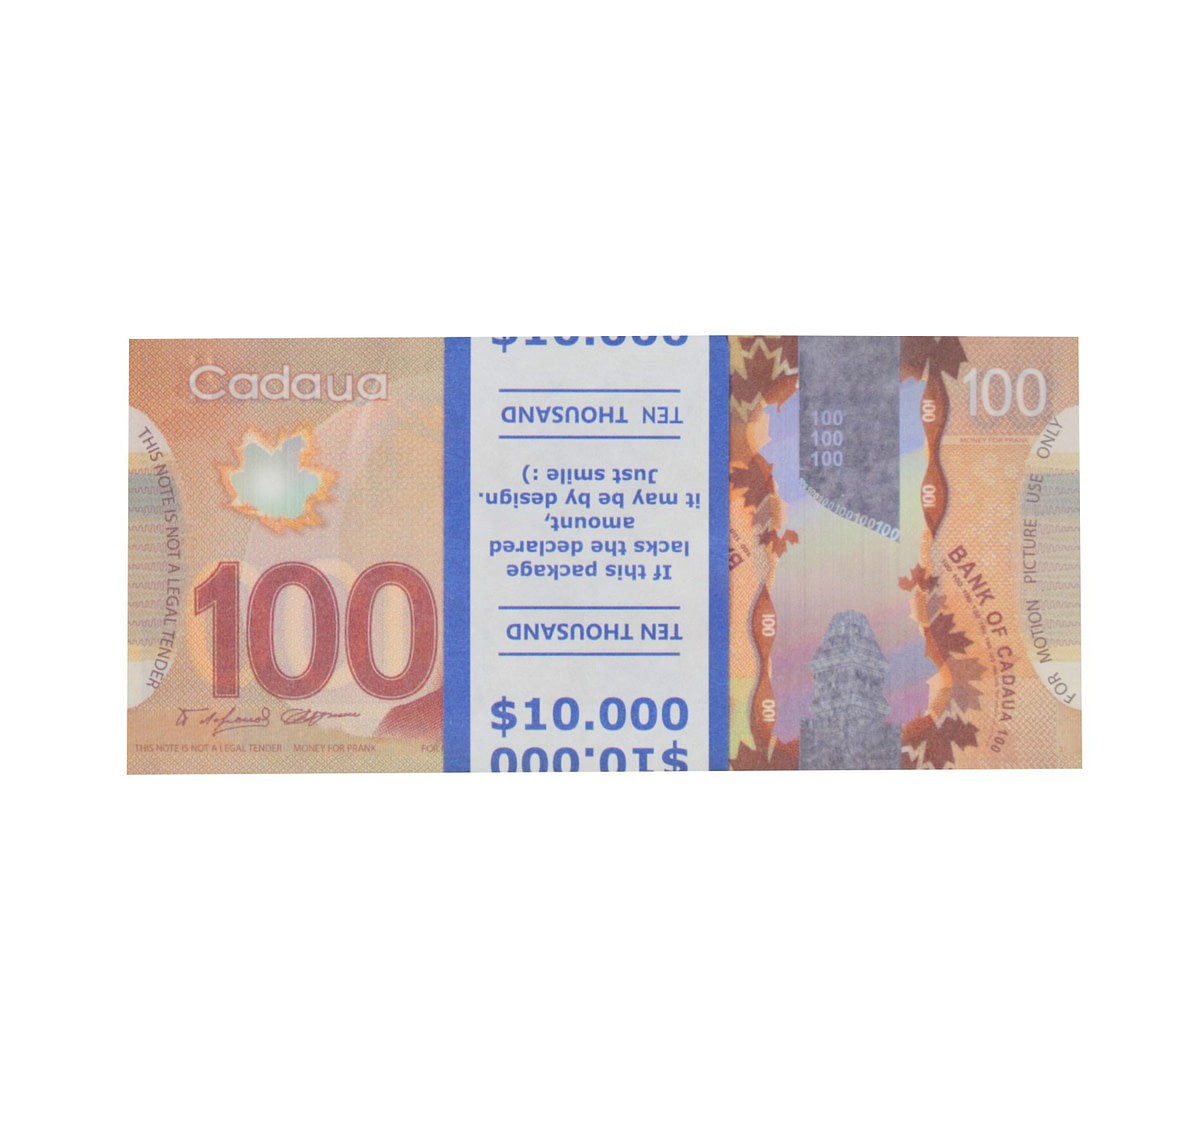 acheter nouvelle 100 dollars canadiens pile de 100 faux billets face avant